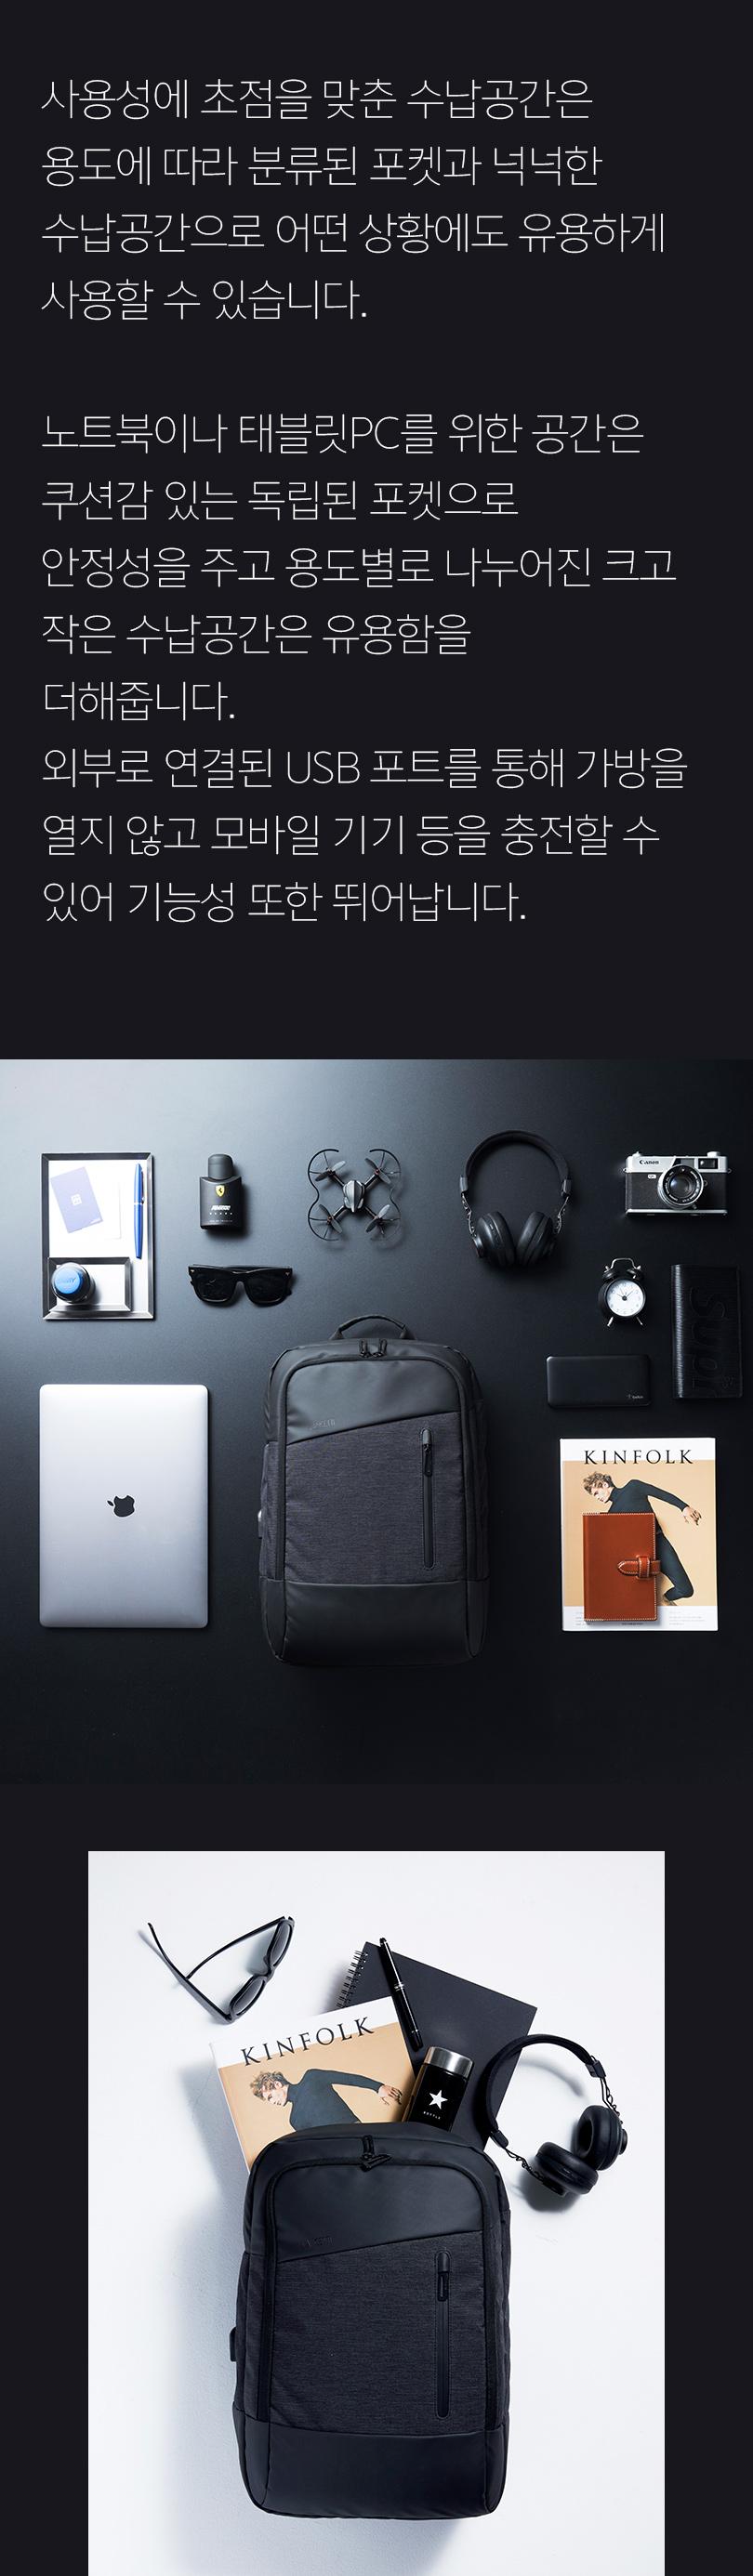 란체티 지피 백팩 남자백팩 비지니스백팩 노트북백팩 - 란체티, 63,000원, 백팩, 패브릭백팩